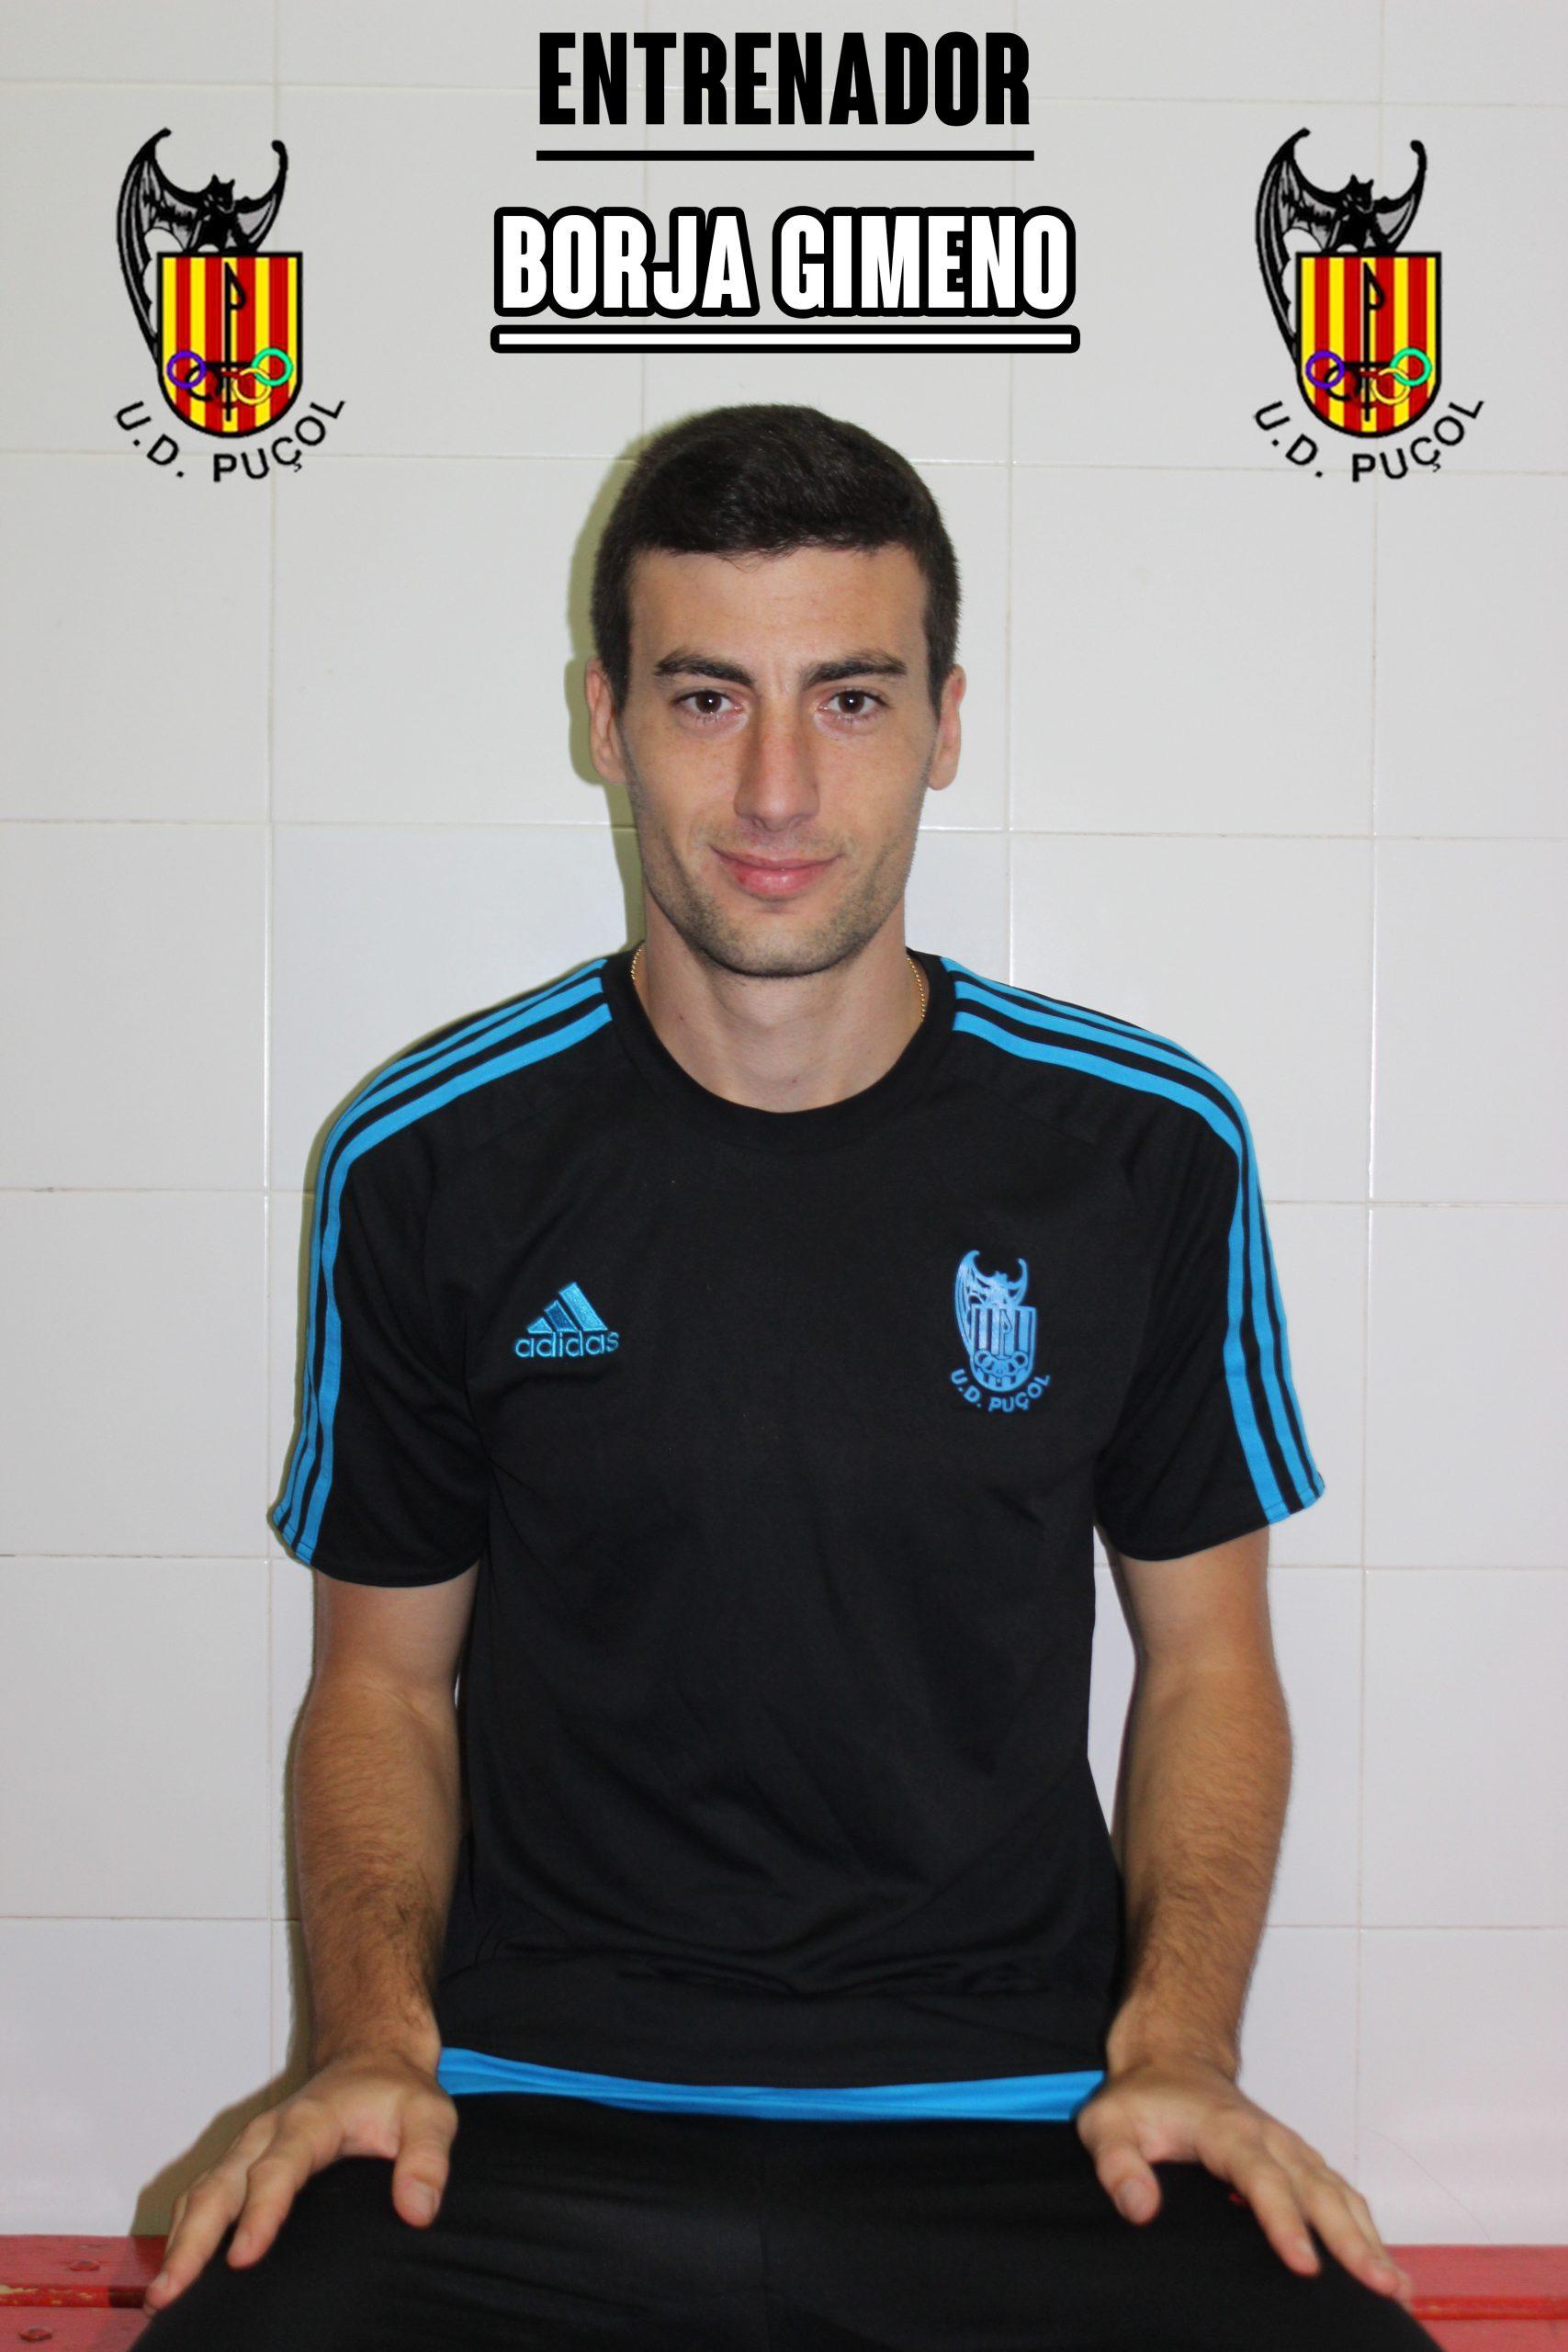 Borja Gimeno Entrenador